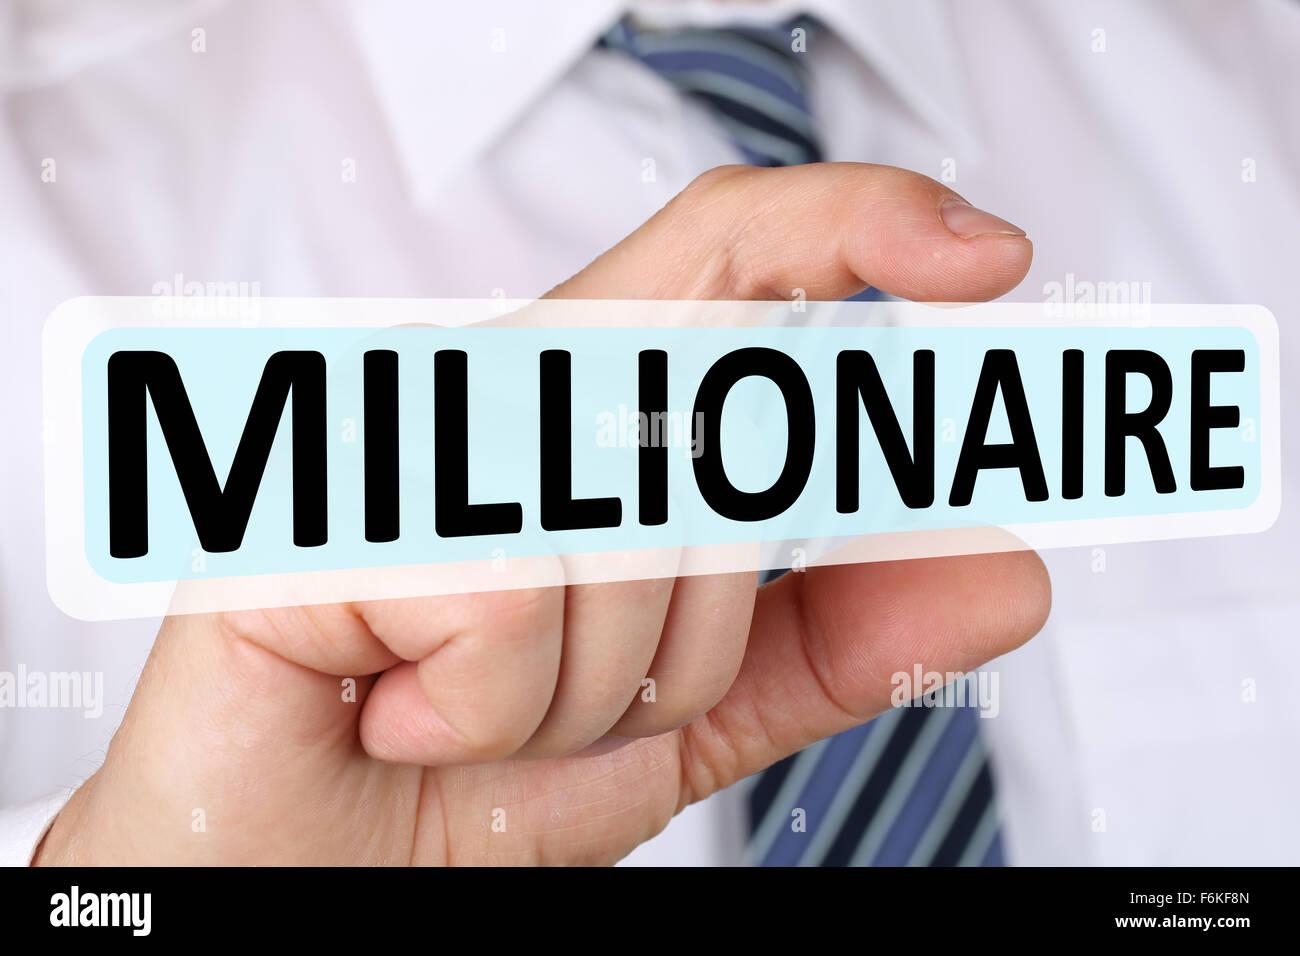 Businessman business concept millionaire rich wealth success successful finances leadership - Stock Image